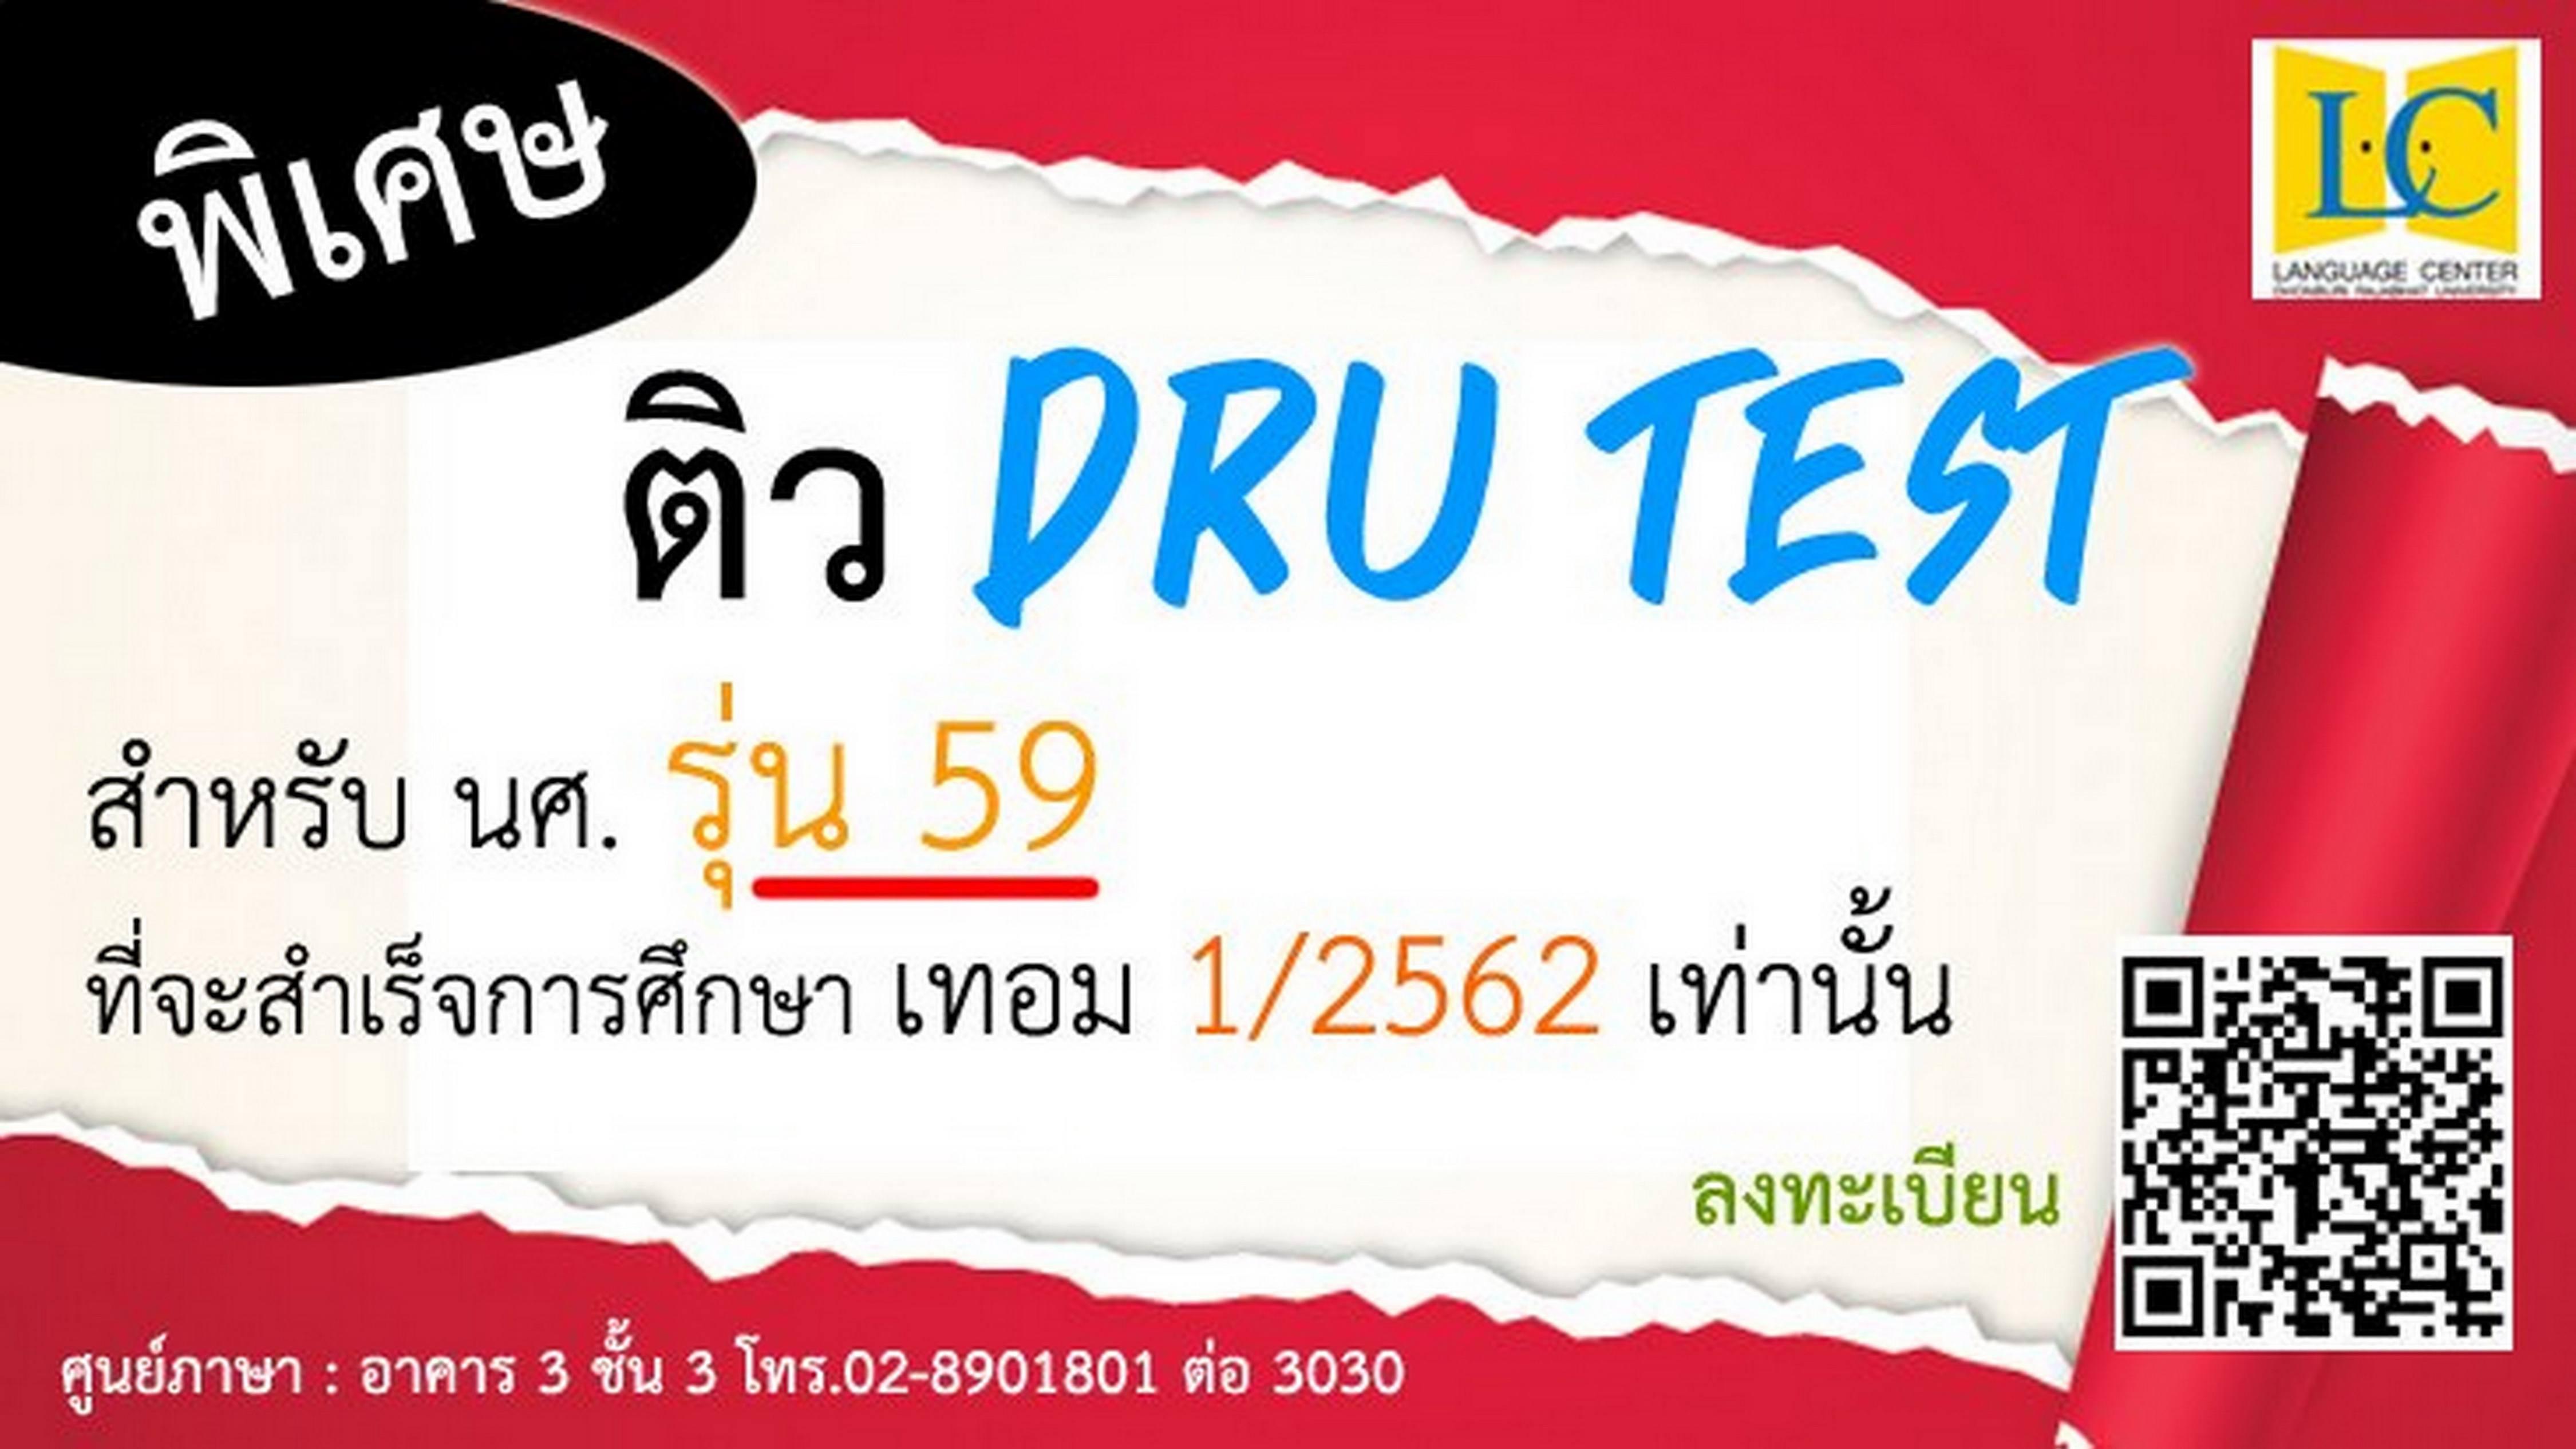 ติว DRU TEST สำหรับนักศึกษา รุ่น 59